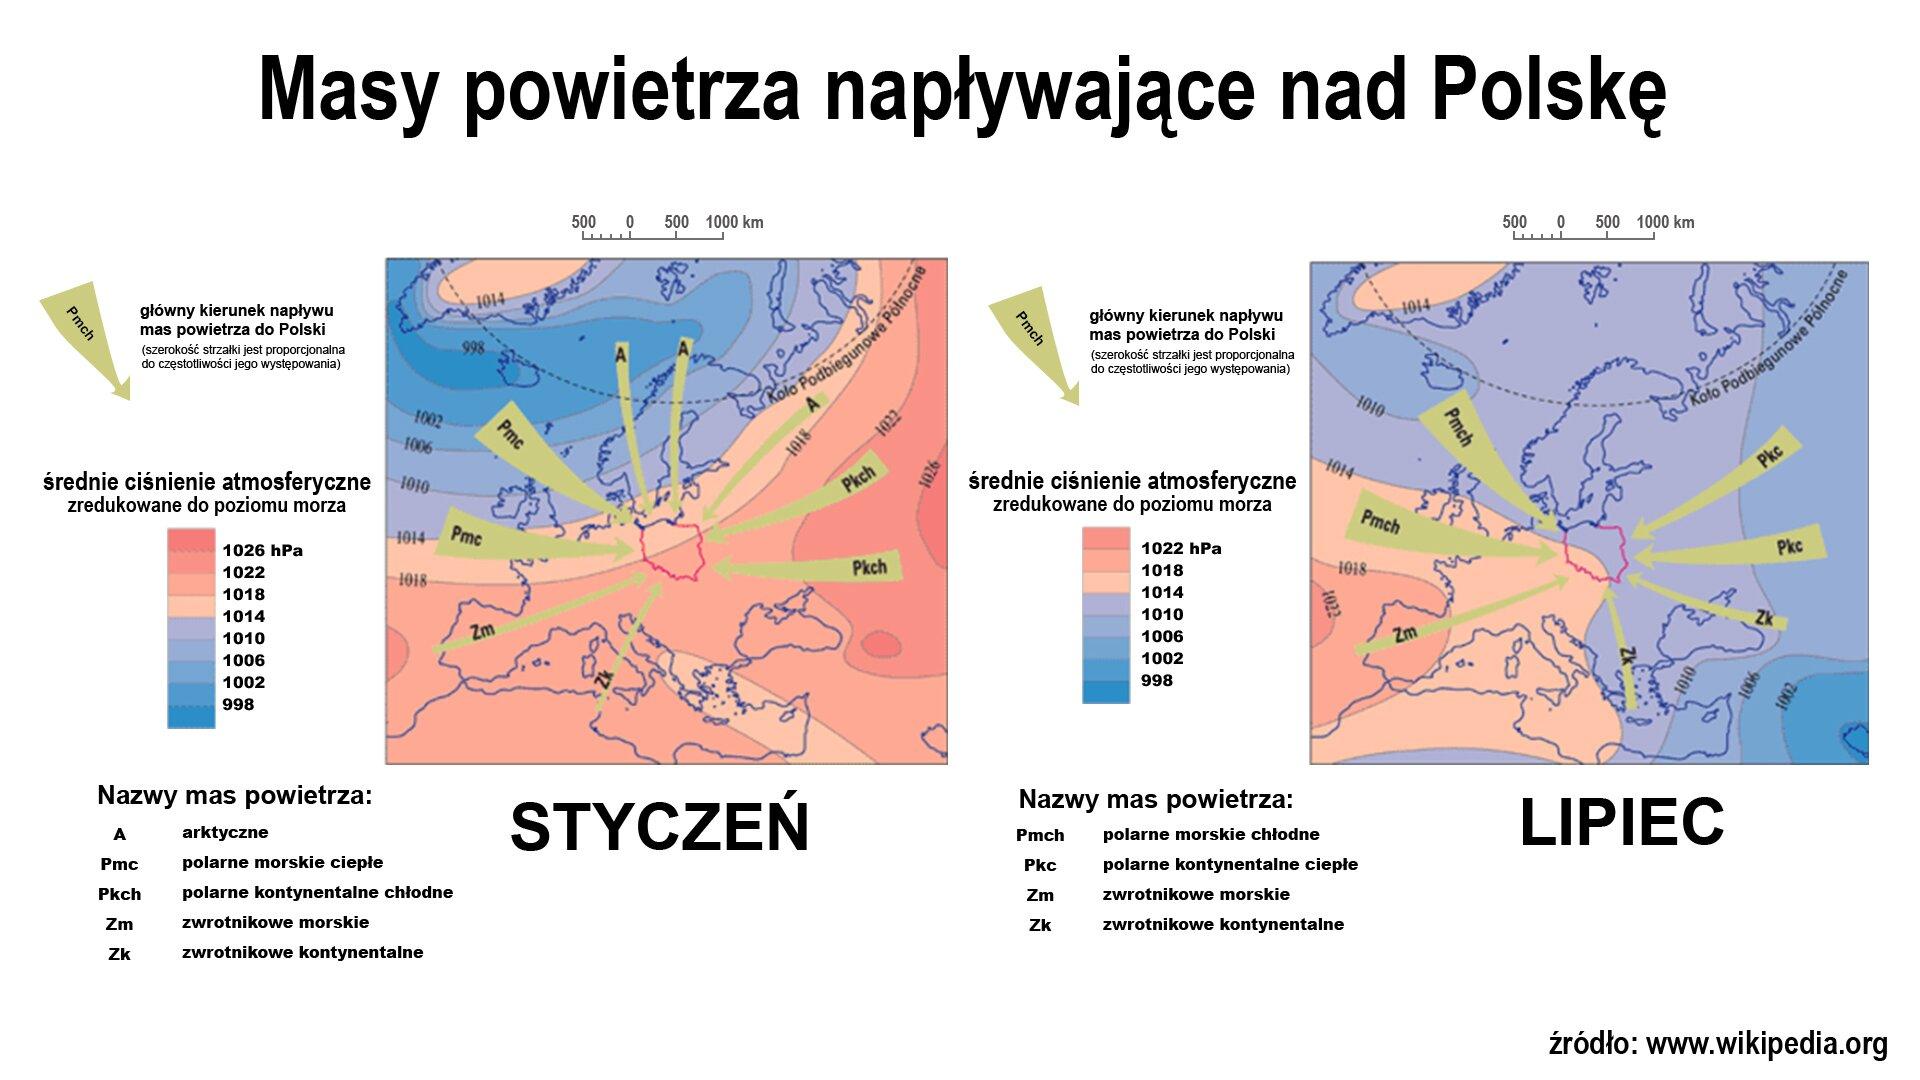 """Ilustracja przedstawia plakat zawierający informacje dotyczące klimatu wPolsce. Plakat podzielony jest pionową linią na dwie równe części. Prawa część zatytułowana """" REGIONY KLIMATYCZNE WPOLSCE"""" pokazuje zaznaczone różnymi kolorami na mapie Polski regiony klimatyczne. Poniżej mapy znajdują się dwie legendy opisujące mapę. Pierwsza informuje, że ciągła linia czerwona na mapie określa granice regionów, ciągła linia wkolorze szaroniebieskim określa granice subregionów. Poniżej zamieszczona jest druga legenda określająca znaczenie kolorów zatytułowana : """"Klimat kształtowany przez wpływy:"""". Poniżej znajdują się kolorowe prostokąty wkolorach takich jak obszary zaznaczone na mapie. Określają one czynniki wpływające na kształtowanie się klimatu. Według legendy: od jasno niebieskiego do ciemnoniebieskiego – wpływ Morza Bałtyckiego, niebieskoszary ijasno seledynowy – wpływy oceaniczne, kolory od jasnożółtego do jasno pomarańczowego – wpływy kontynentalne, szarozielony – wpływy wyżyn, kolor szary oznacza strefę pomiędzy wpływami oceanicznymi ikontynentalnymi. Prawa część plakatu zatytułowana jest """"NAPŁYW POWIETRZA"""". Tytuł umieszczony jest pionowo po lewej stronie . Na tej części plakatu umieszczono dwa kwadraty ułożone jeden nad drugim. Na obydwu pokazany jest ten sam fragment mapy przedstawiającej większą część kontynentu europejskiego oraz otaczające akweny. Na mapie różnymi kolorami oznaczono obszary oróżnych wartościach średniego ciśnienia atmosferycznego. Według zamieszczonej po lewej stronie legendy: kolorem niebieskim wróżnych odcieniach zaznaczono obszary oniższym ciśnieniu ( 998hPa -1014hPa ), kolorami wodcieniach od jasnoróżowego do ceglastego zaznaczono obszary owyższym ciśnieniu ( 1018hPa - powyżej 1026hPa). Na mapach wyodrębniono czerwoną linią kontury Polski. Wjej kierunku skierowane są jasno zielone strzałki symbolizujące napływające masy powietrza. Wewnątrz strzałek umieszczono określenia odpowiadające nazwom mas powietrza. Według zamieszczonej zlewej strony le"""